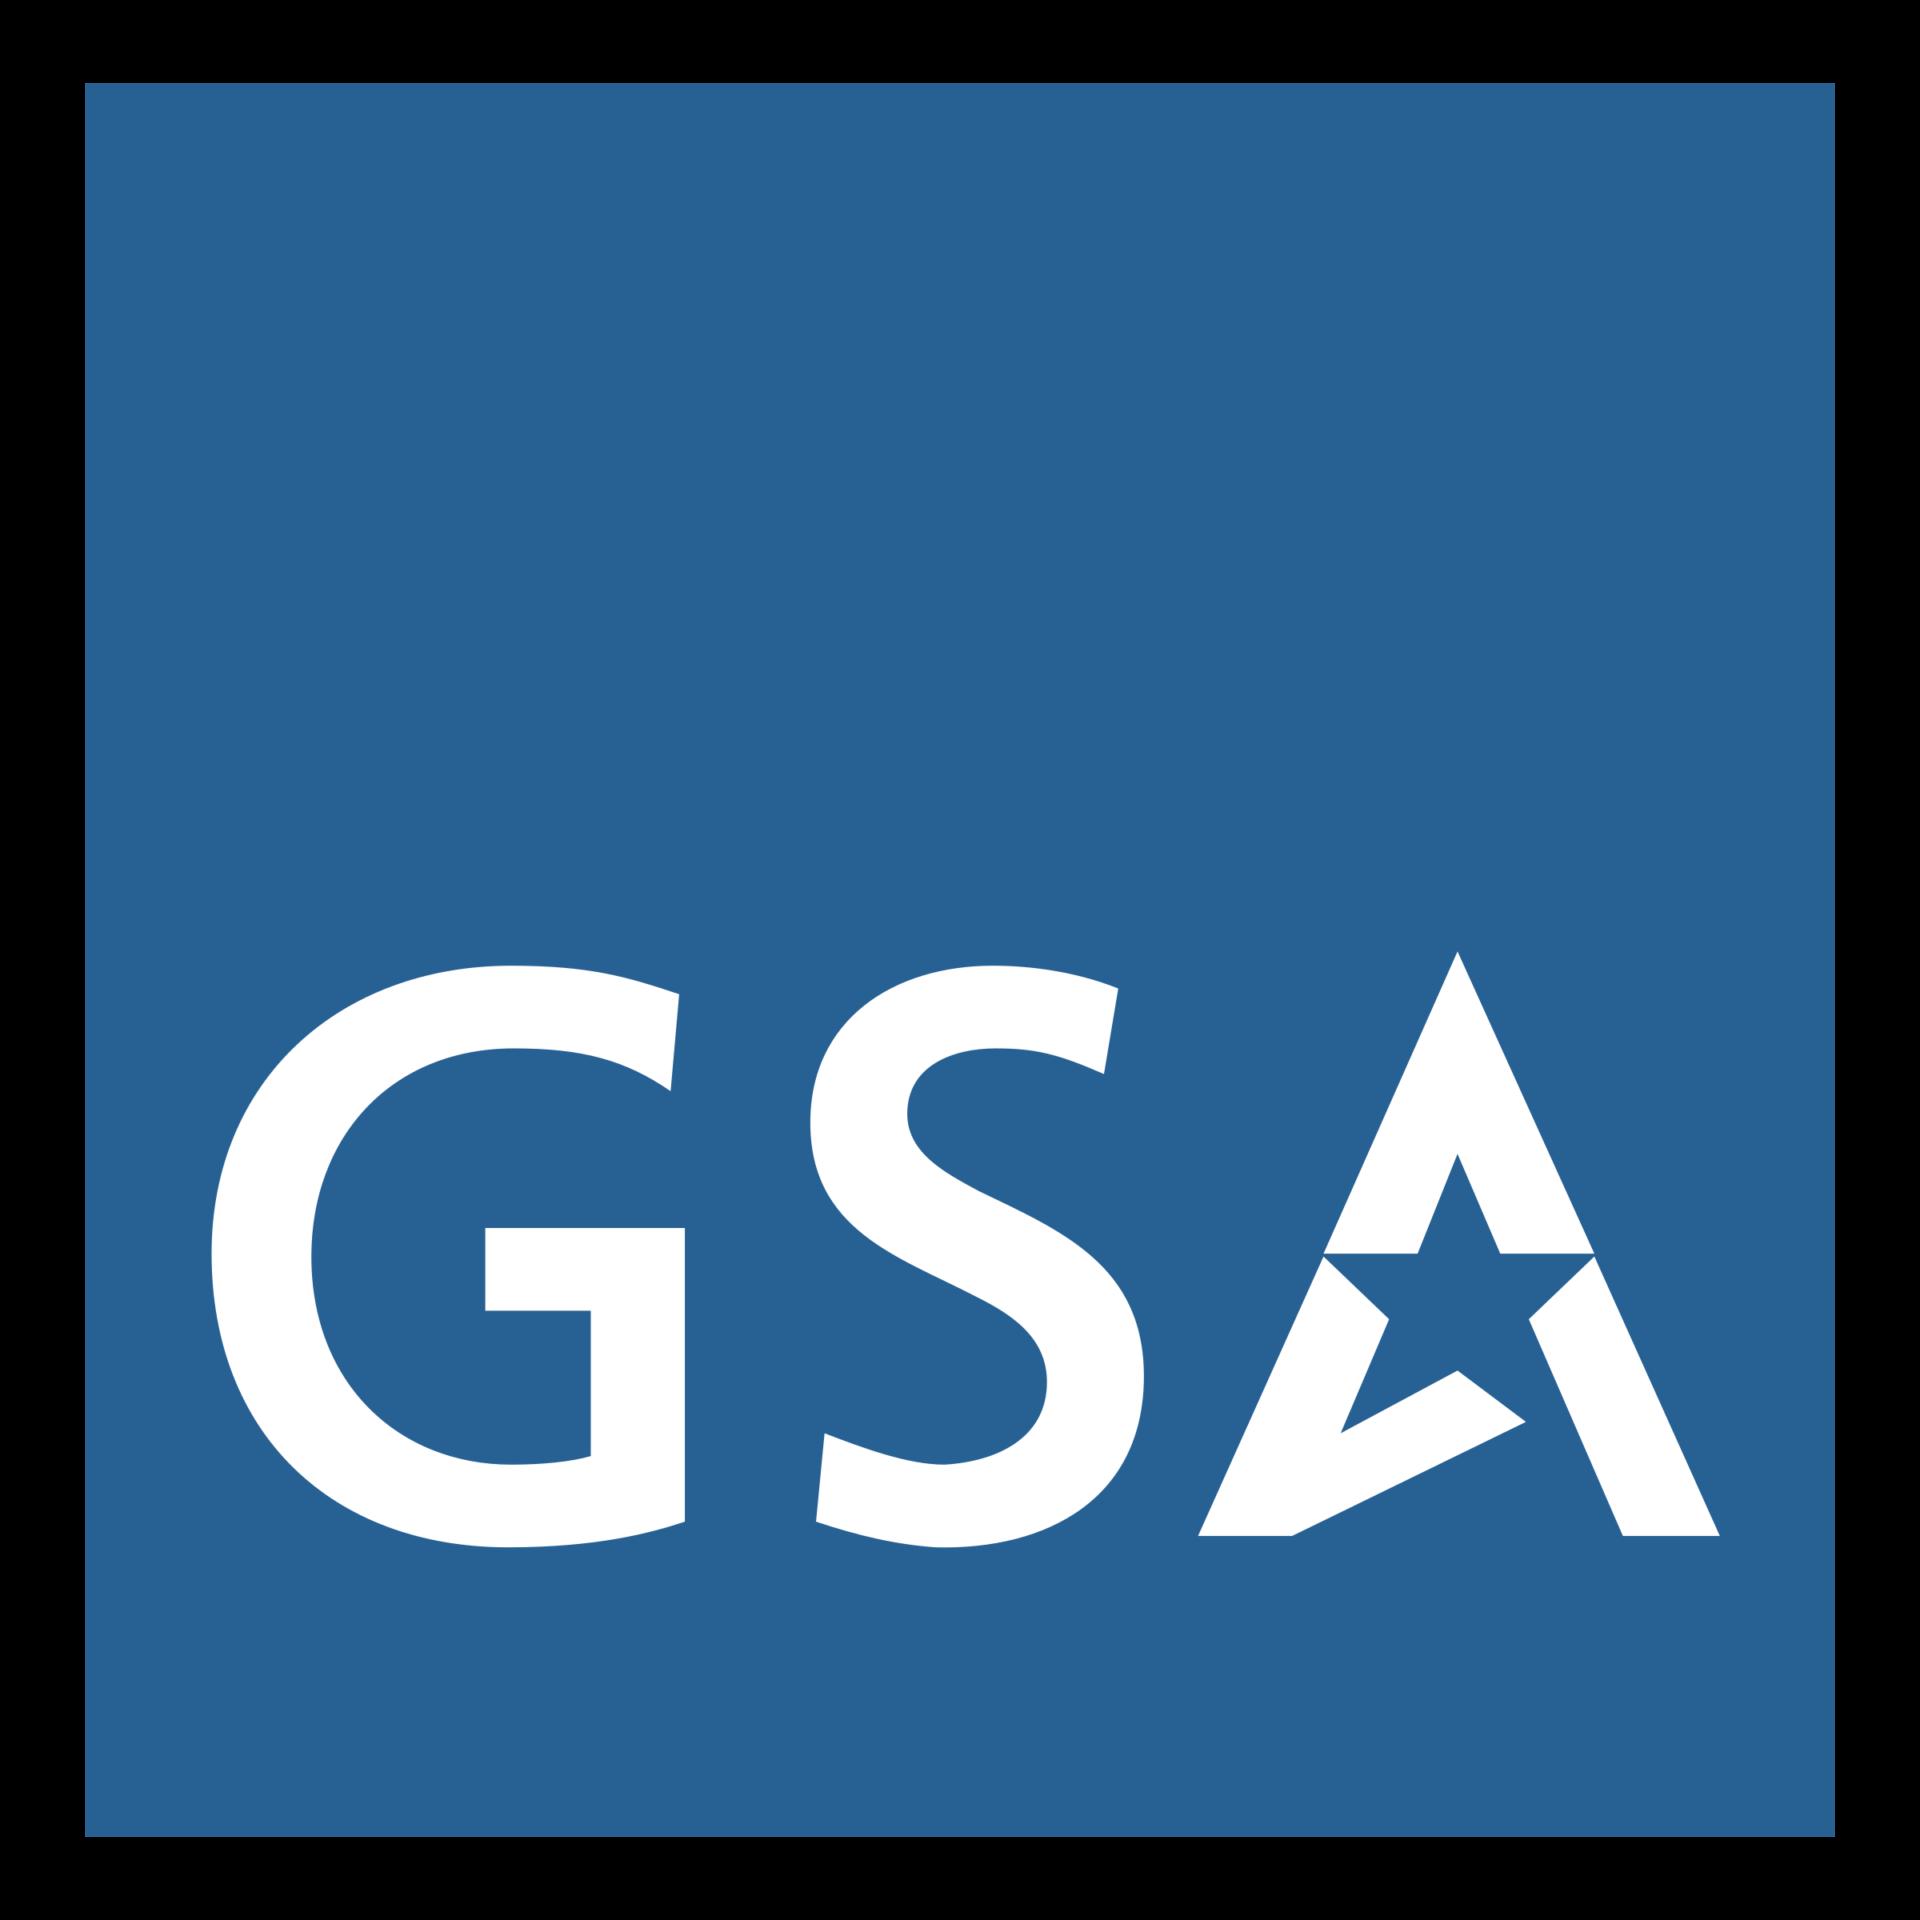 gsa-logo-png-transparent-1